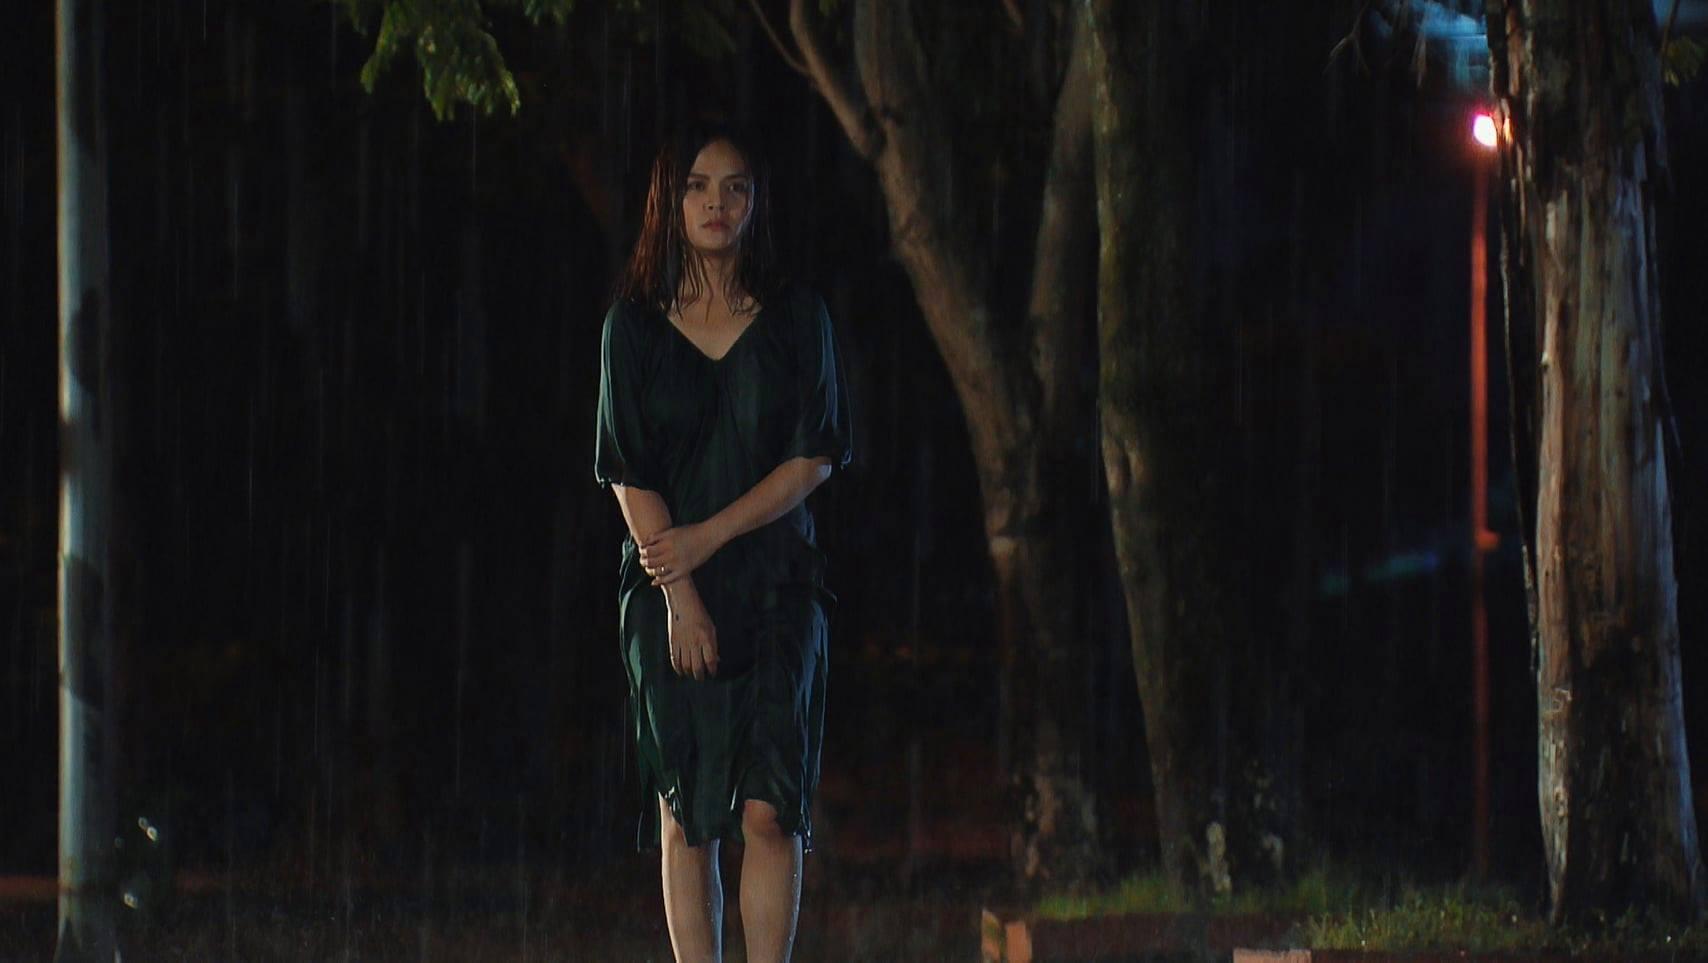 'Hương vị tình thân' preview tập 39 (p2): Thy dầm mưa vì buồn chuyện Huy và 'trà xanh', phải nhập viện trong đêm rồi lộ chuyện có bầu? 1